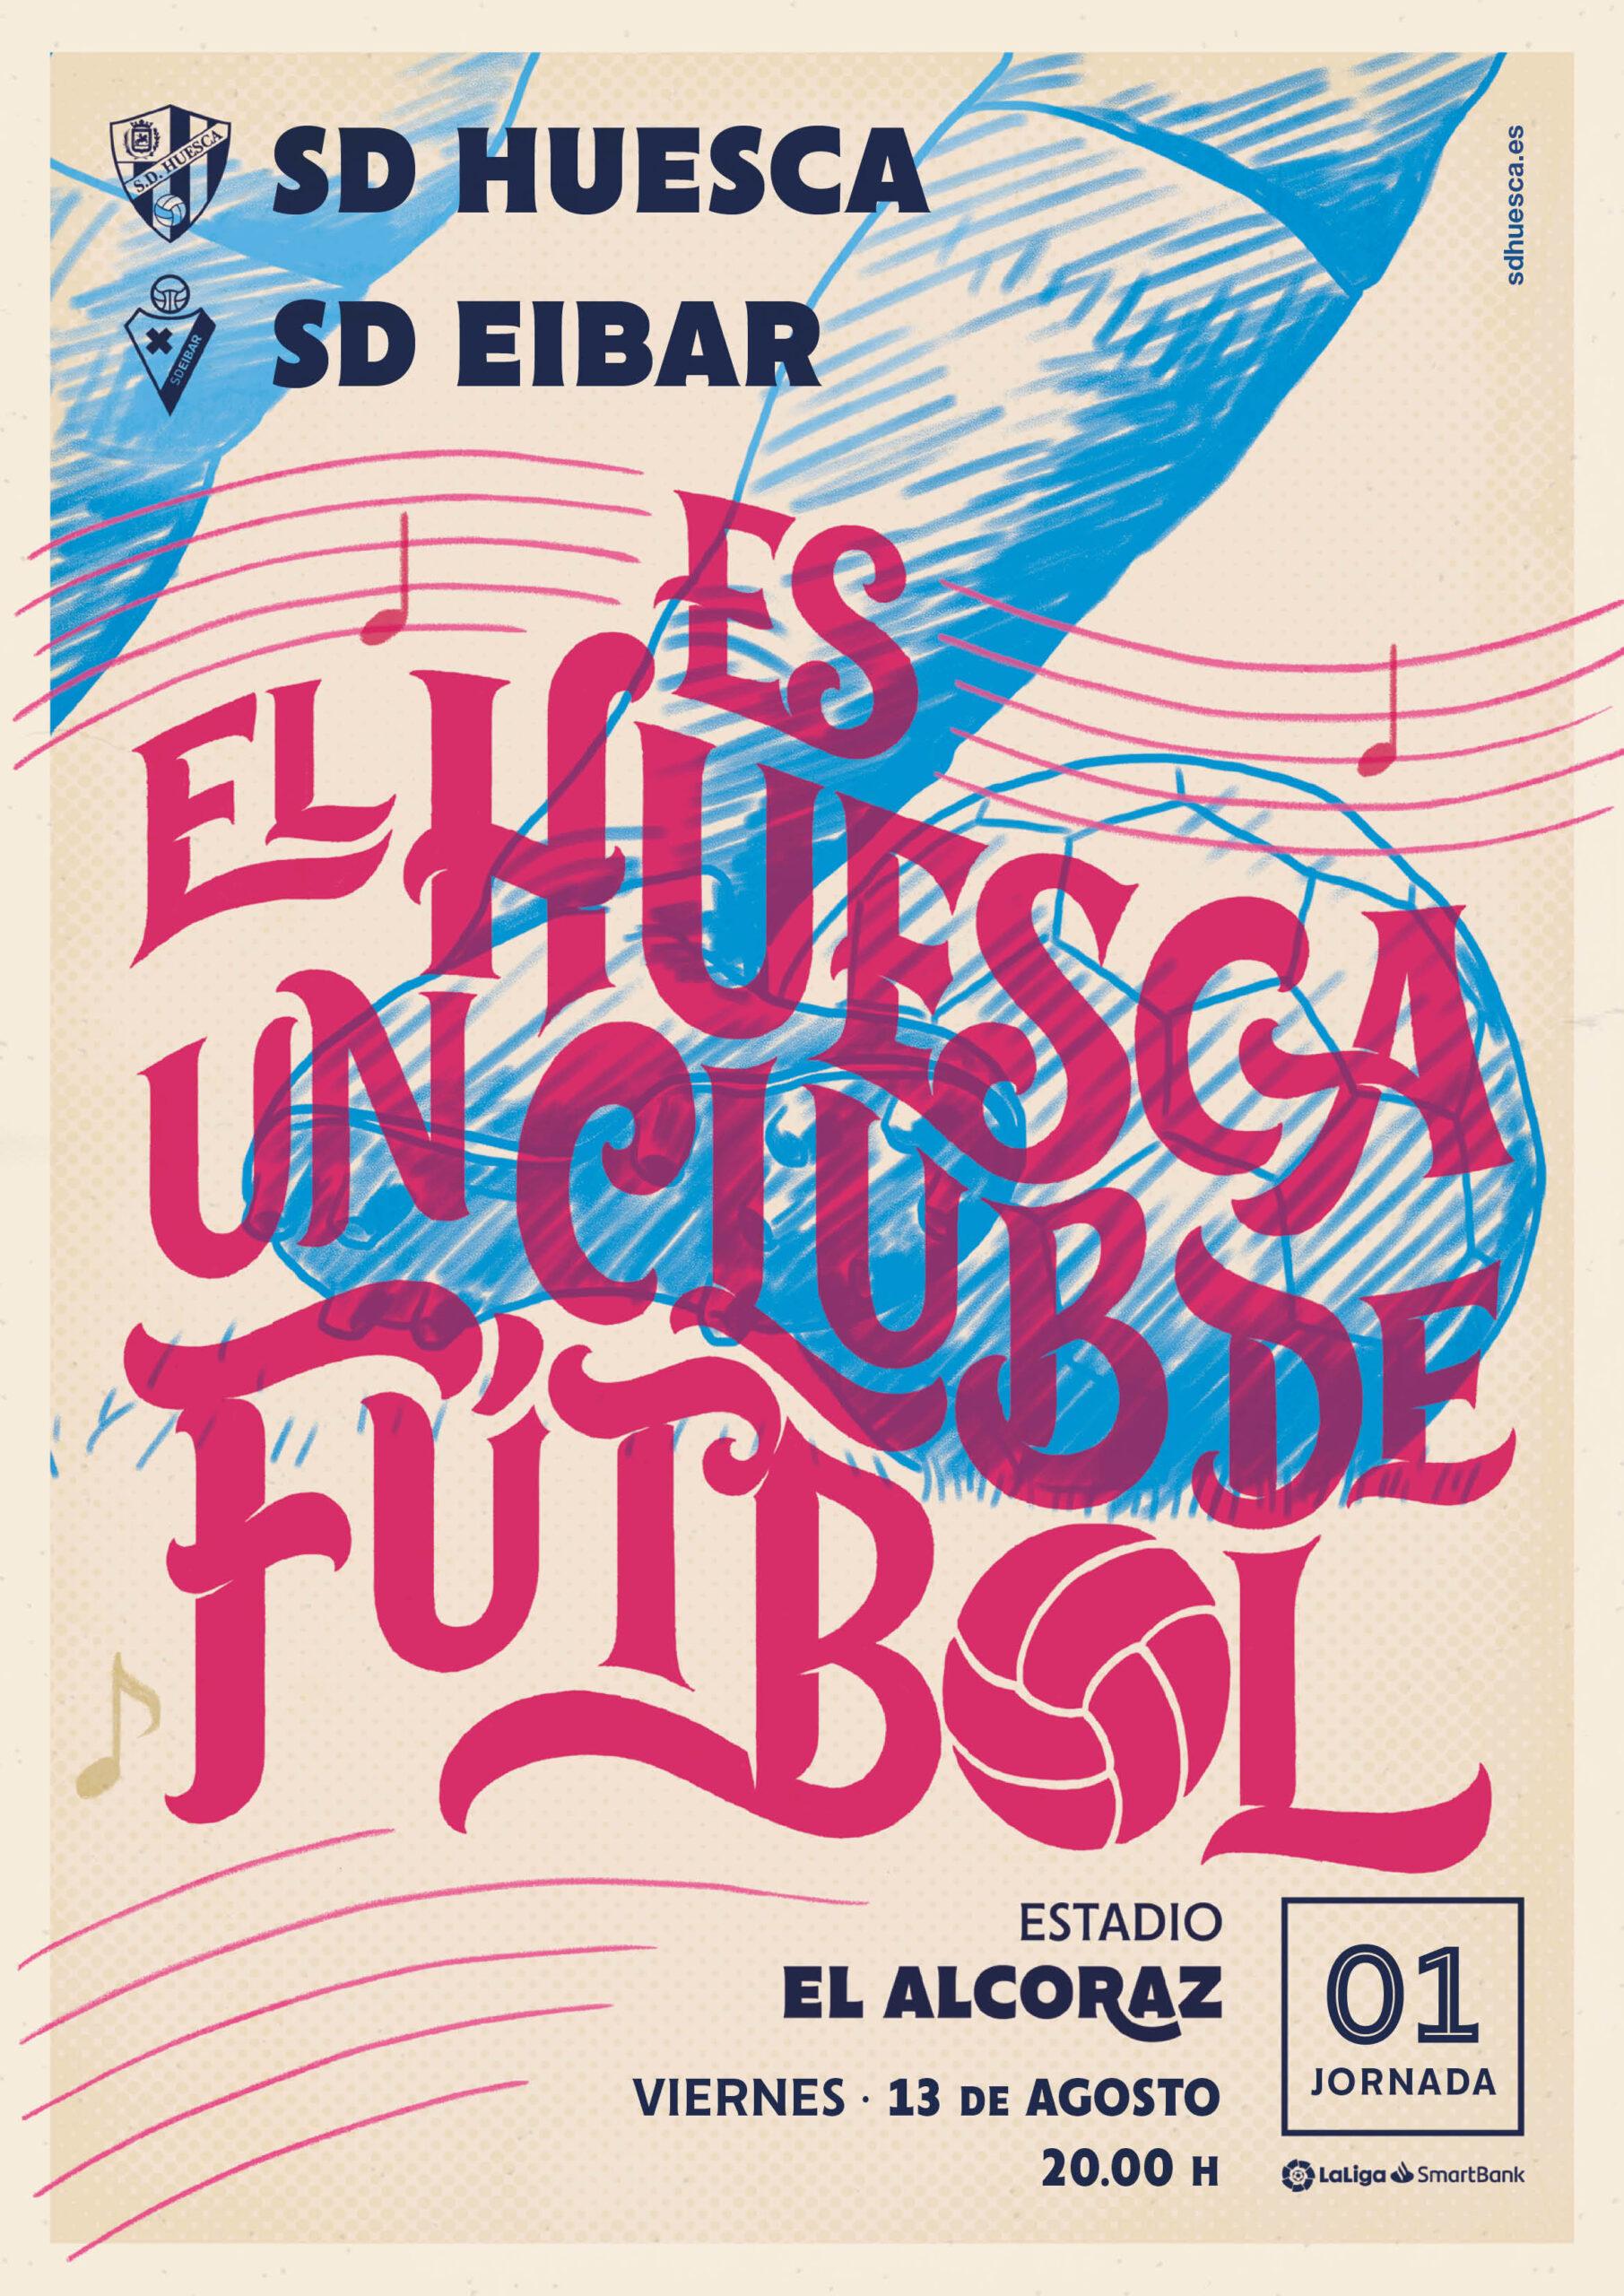 J1: SD Huesca - SD Eibar